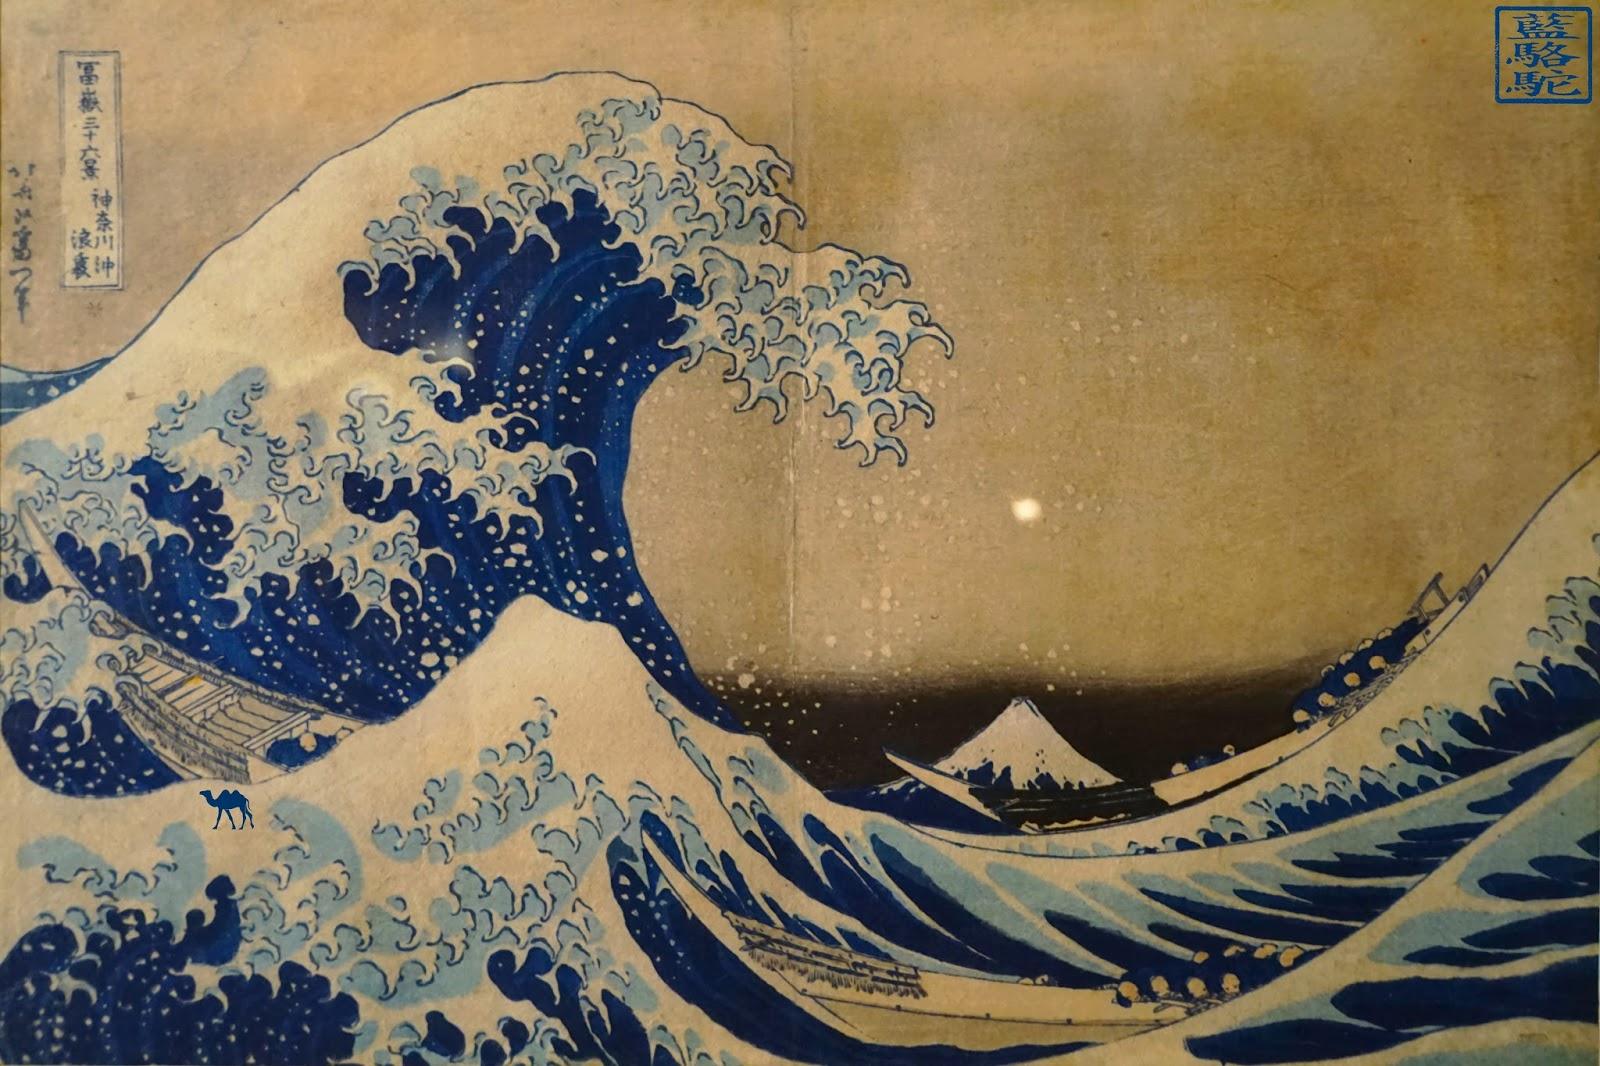 Le Chameau Bleu - Blog voyage et Cuisine - La Vague d'Hokusai